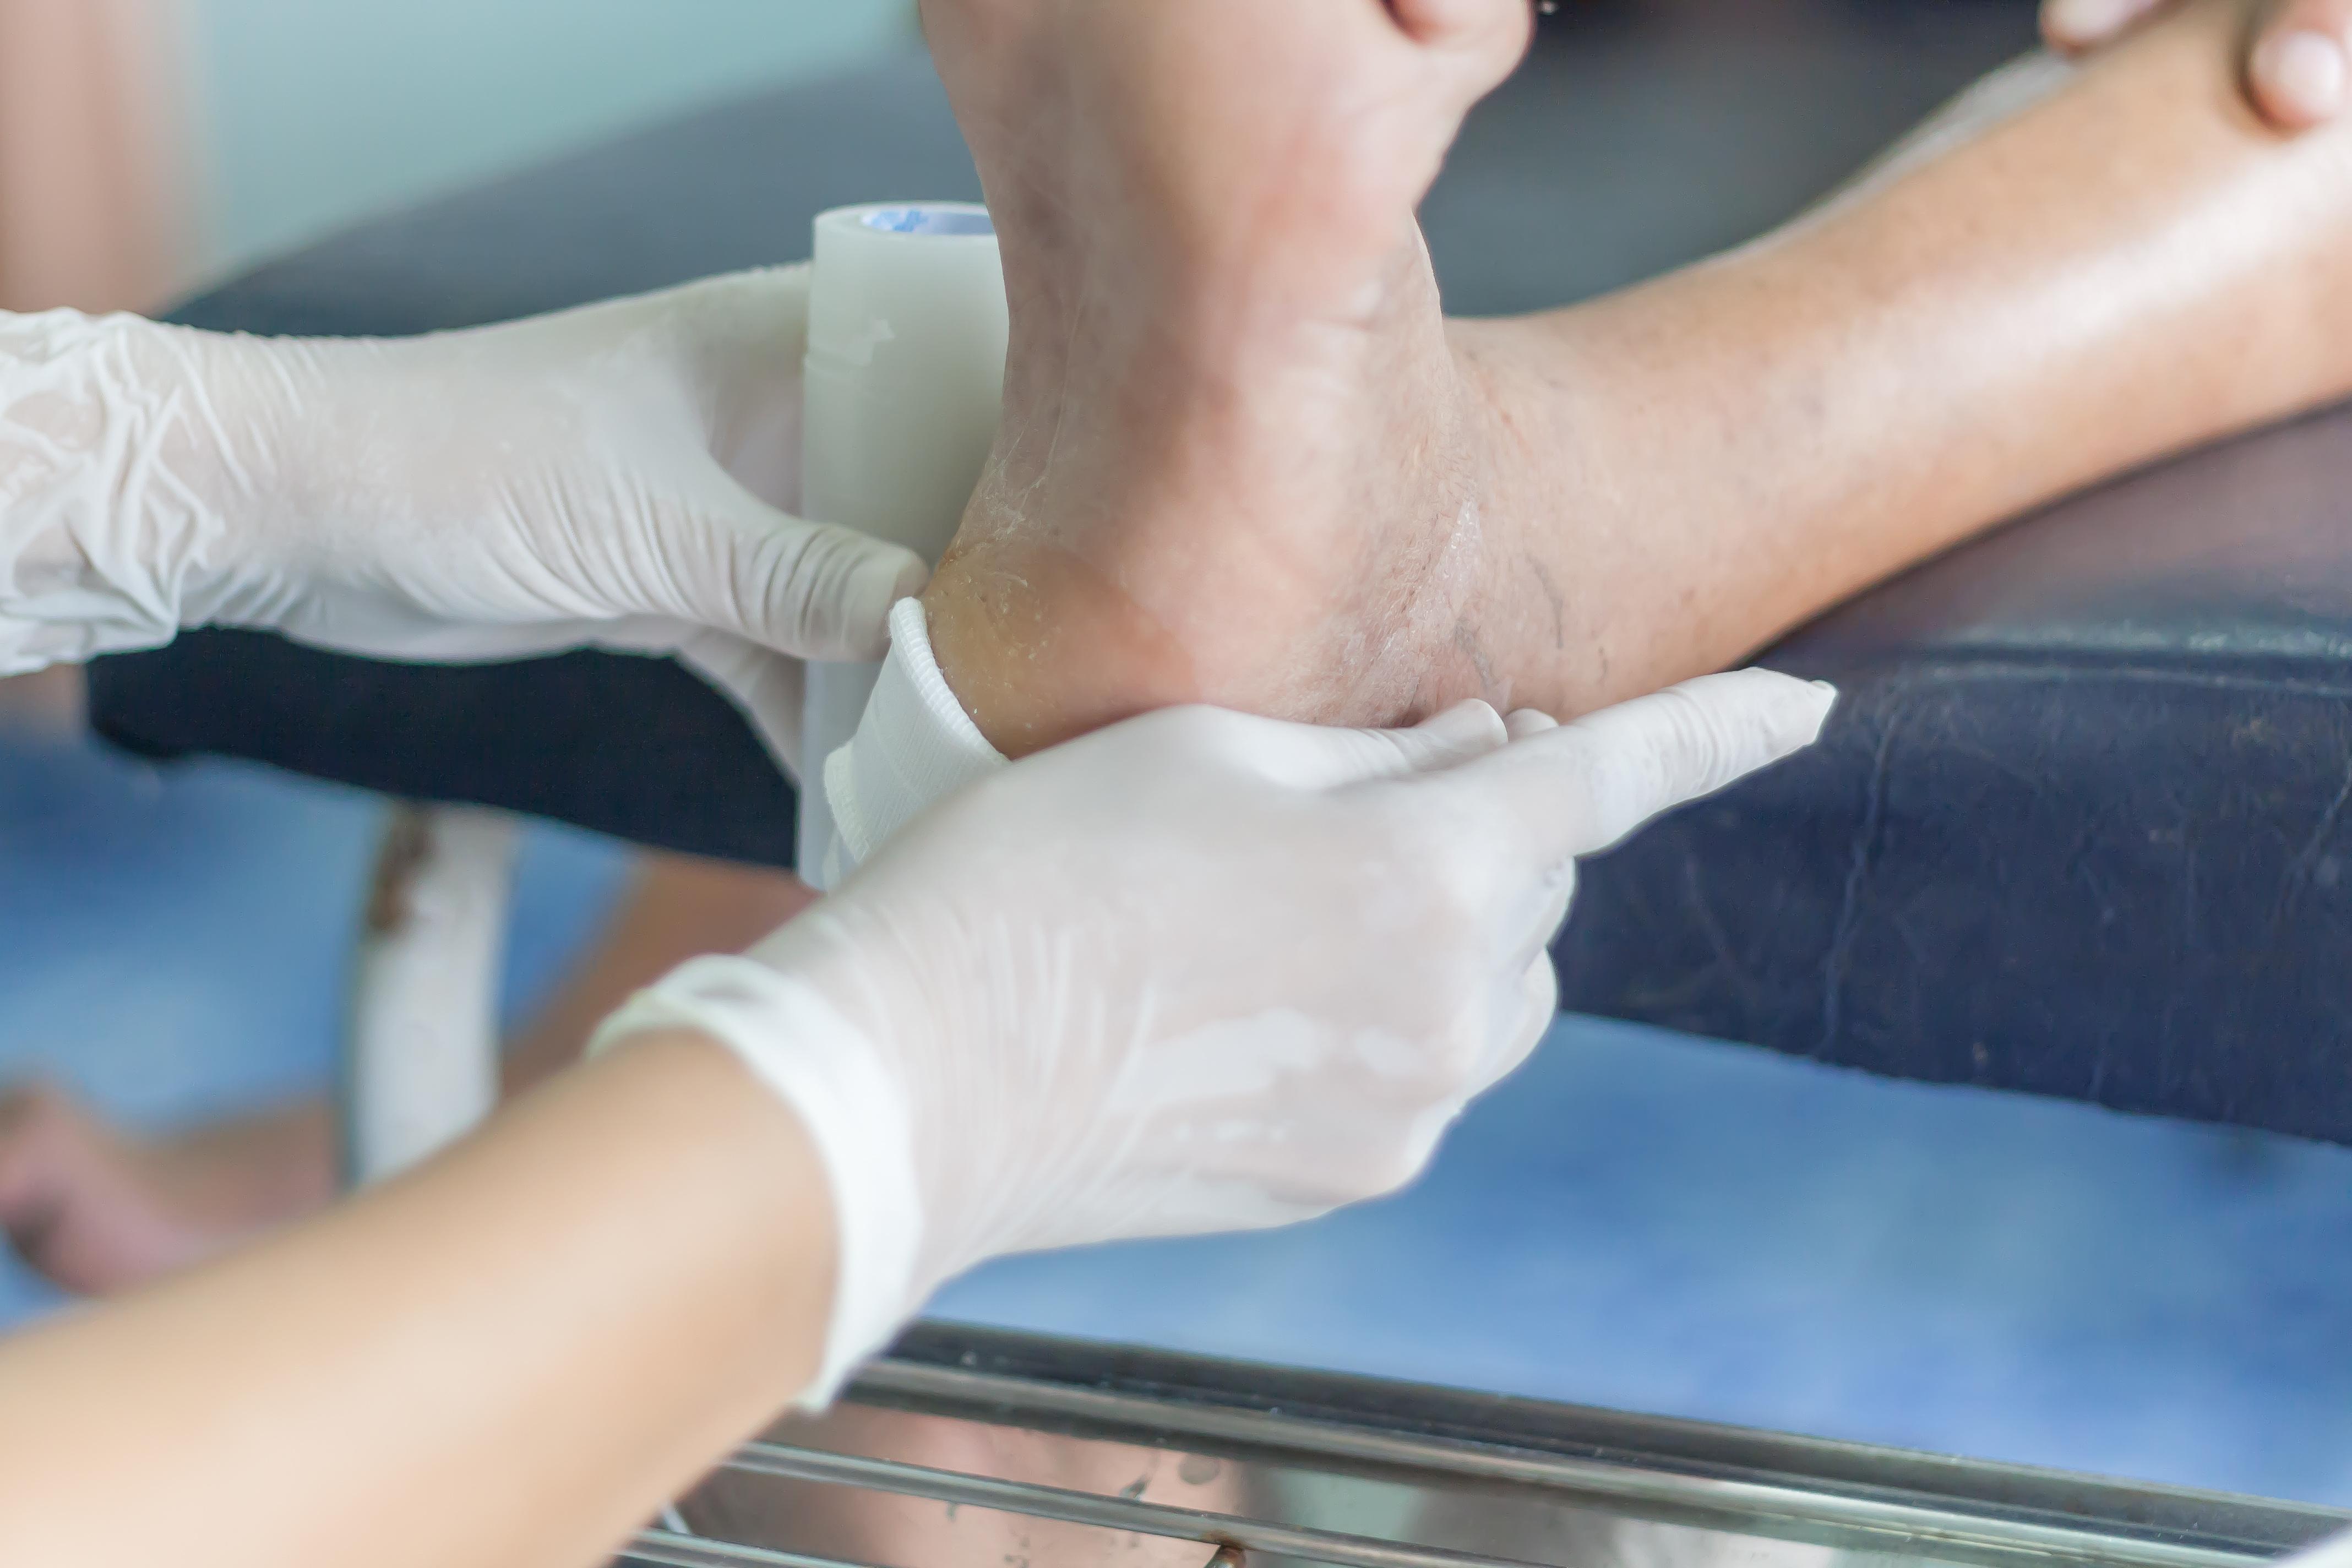 Les complications microvasculaires du diabète de type 2 comprennent les lésions oculaires pouvant entraîner la cécité, la maladie et l'insuffisance rénale, la neuropathie, l'impuissance et l'ulcère du pied diabétique (visuel) pouvant entraîner l'amputation.